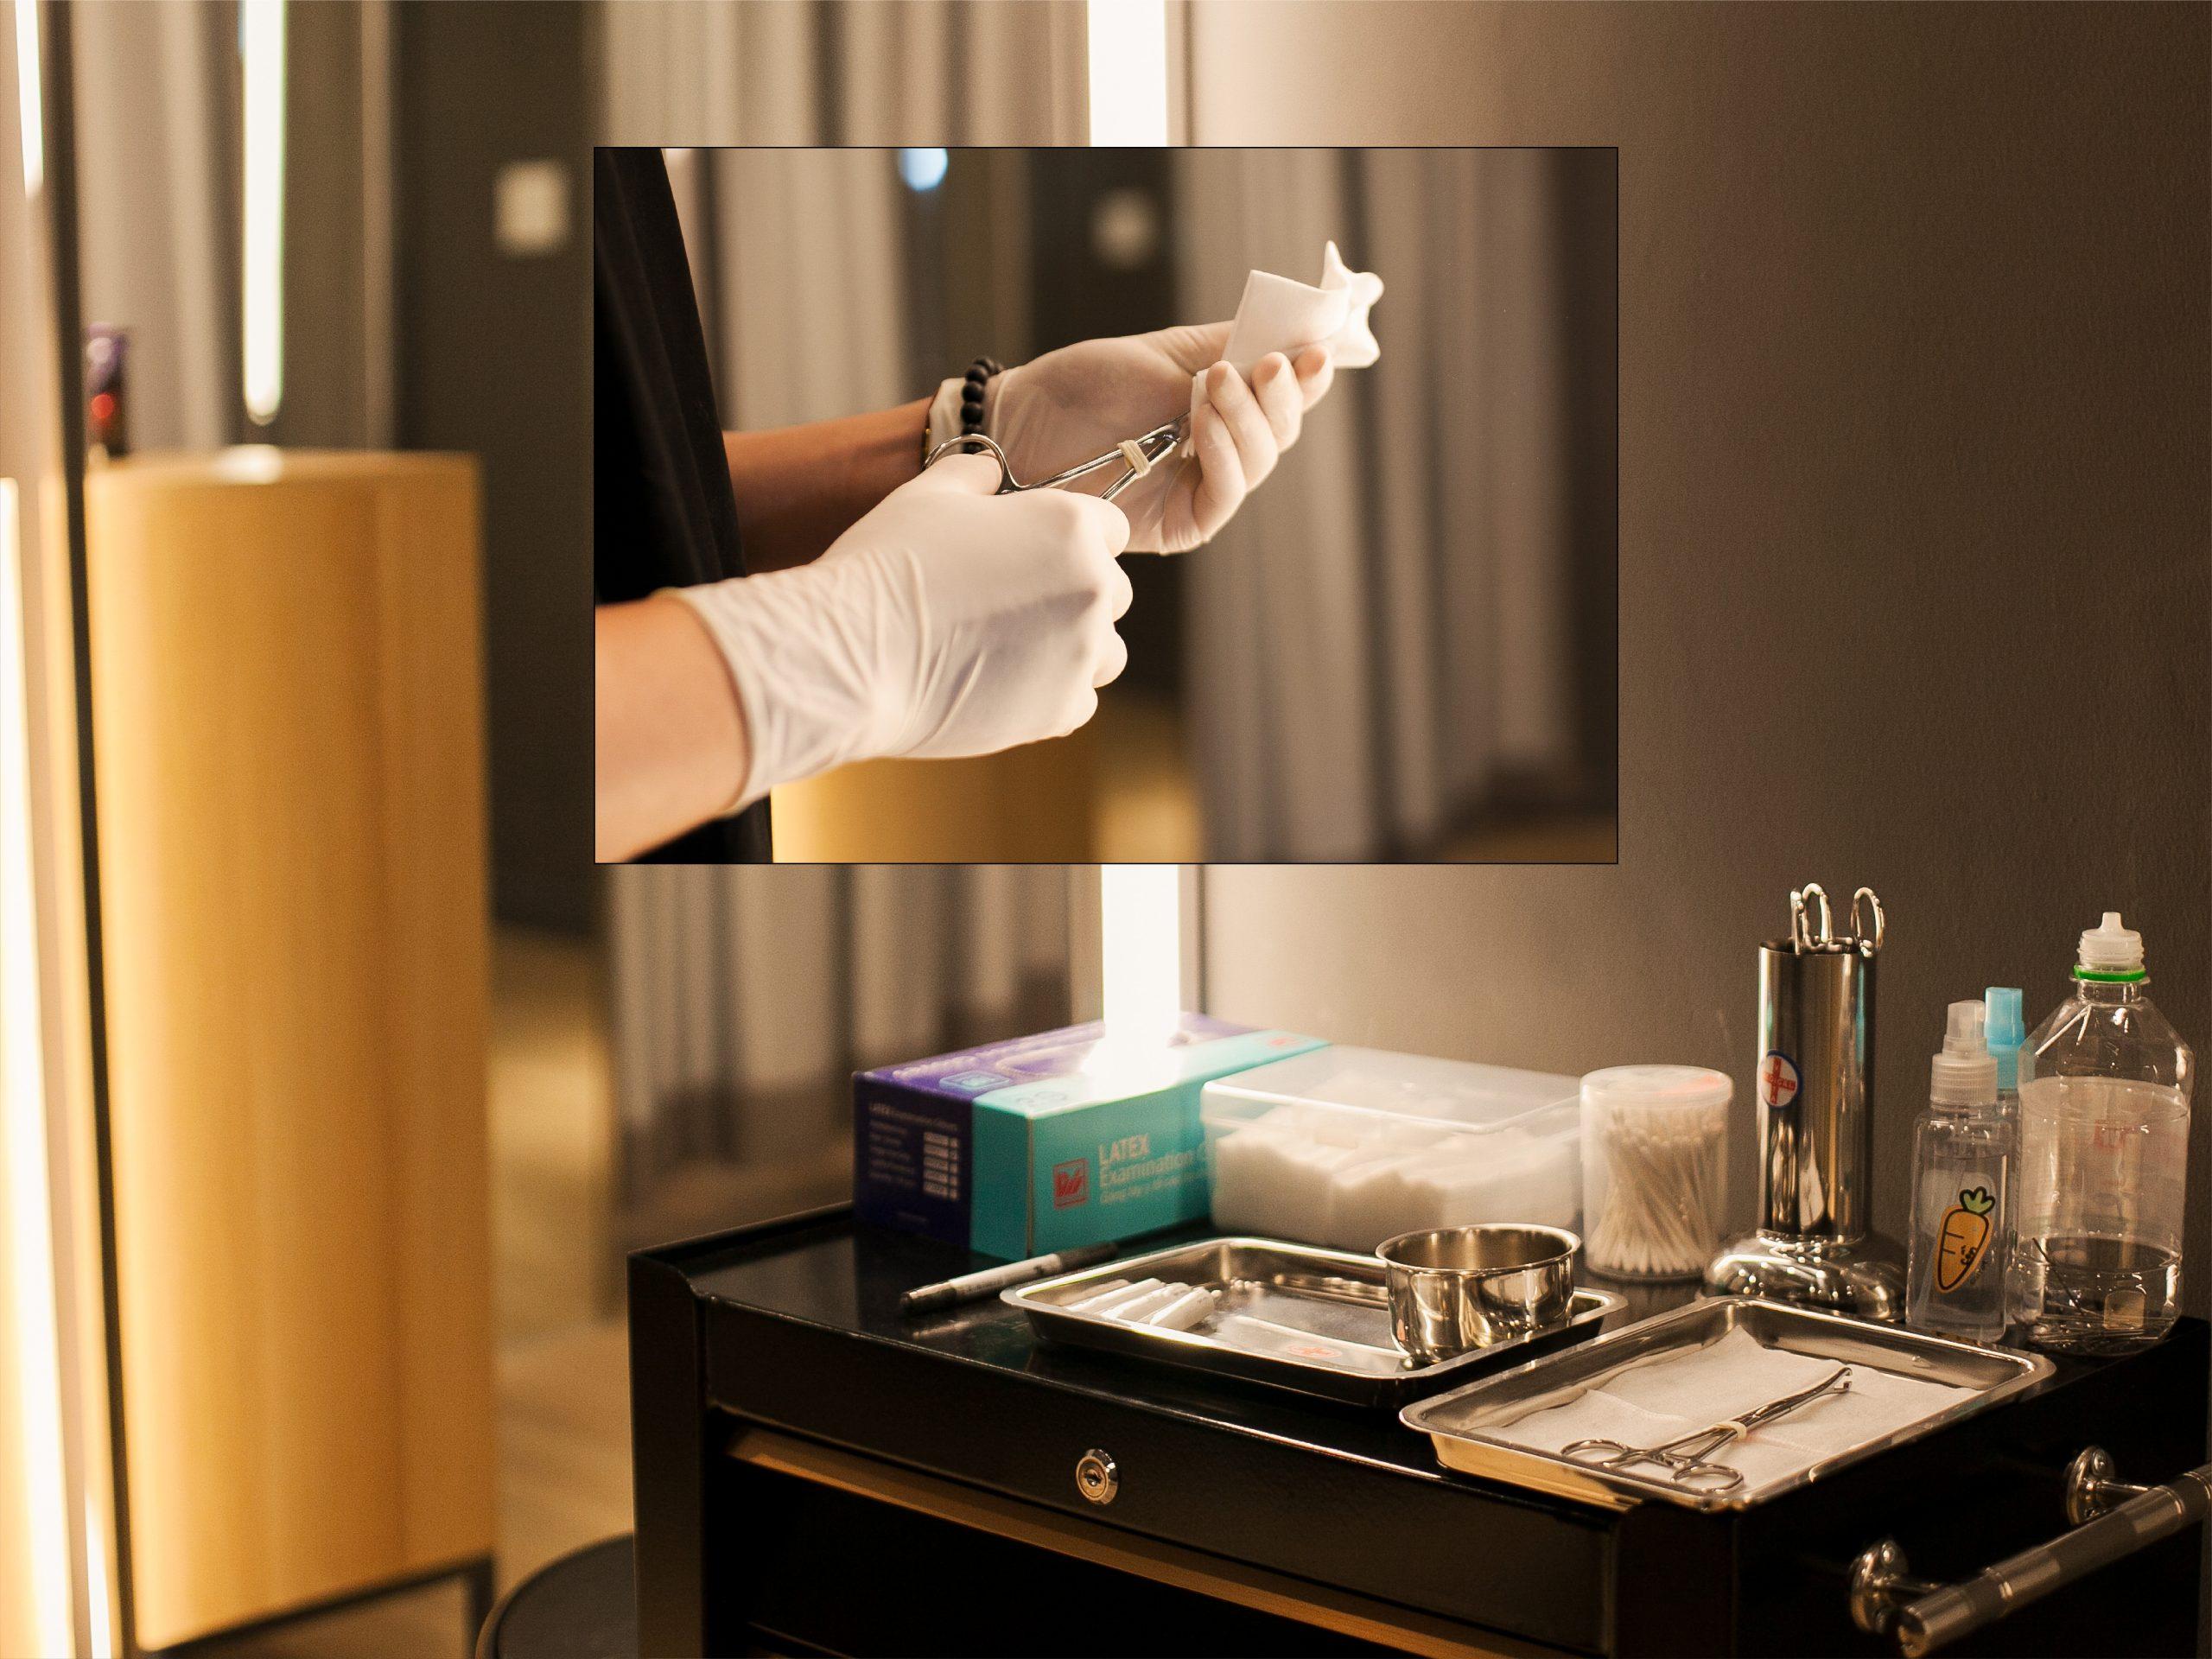 Đảm bảo an toàn vệ sinh và sức khỏe cho đôi tai của bạn nên luôn được ưu tiên hàng đầu